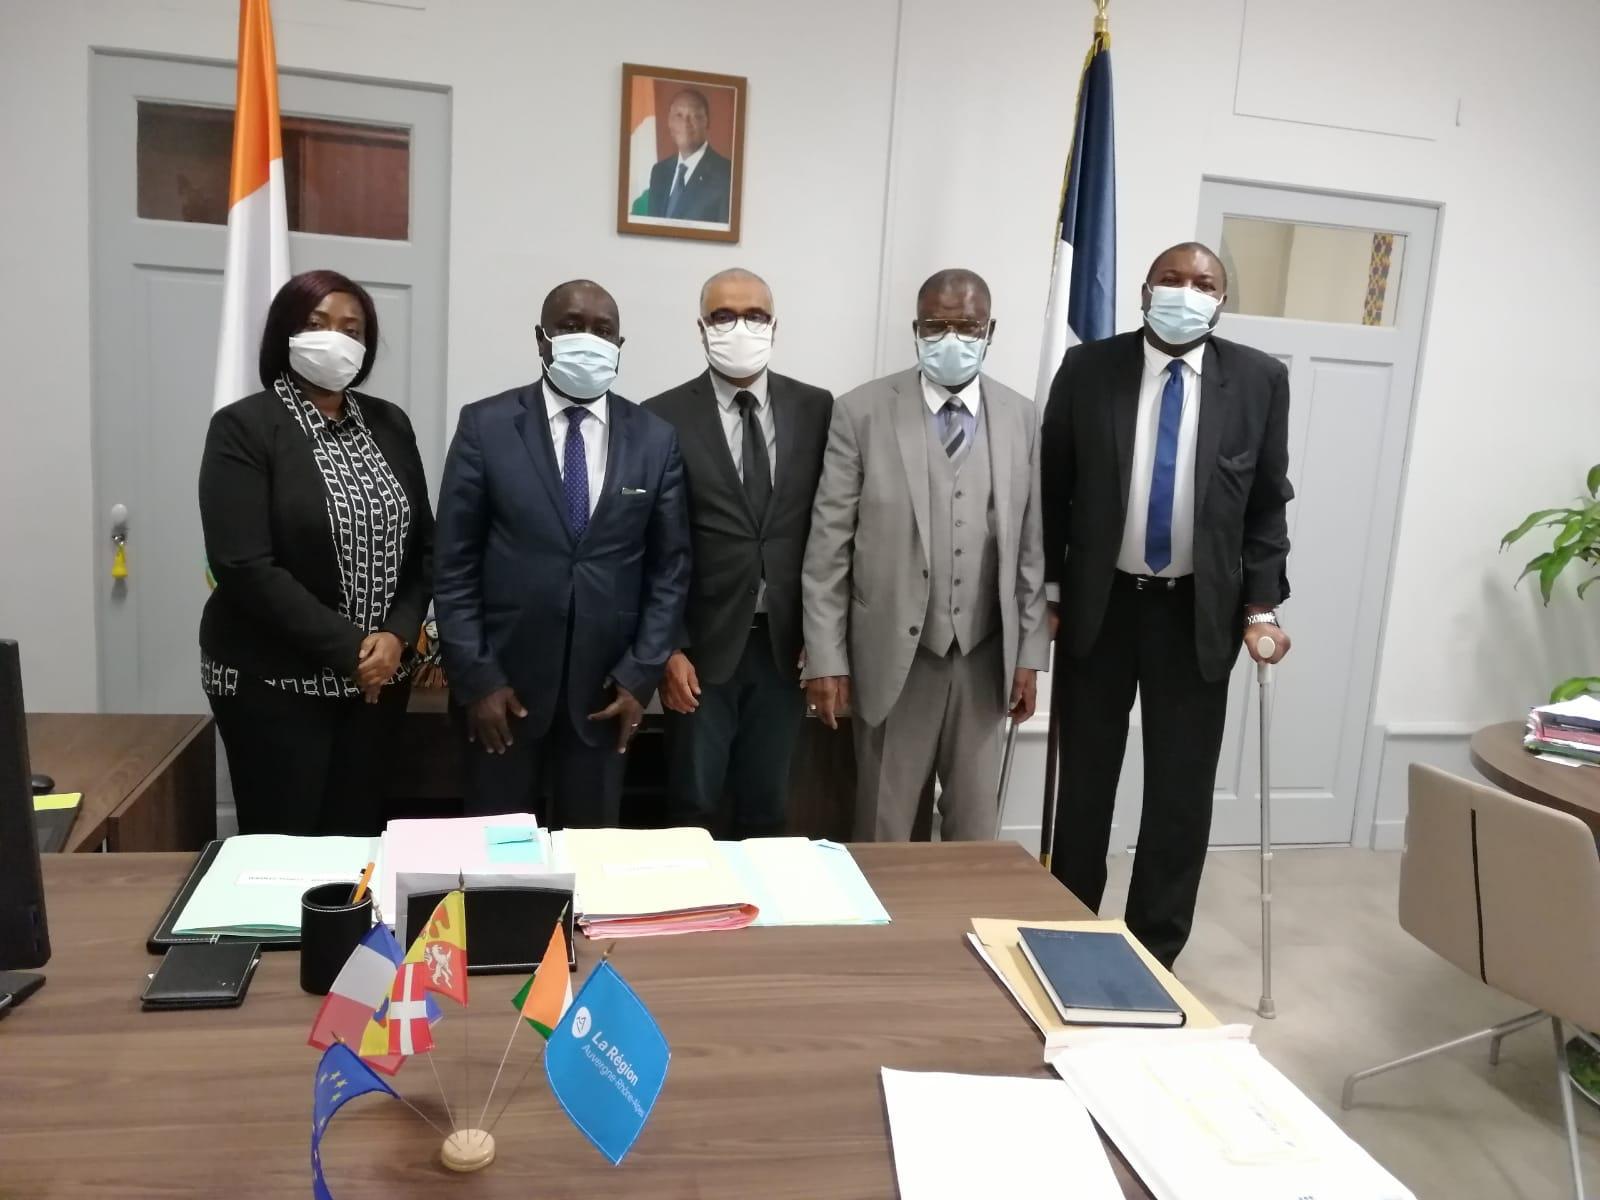 [CÔTE D'IVOIRE] Une délégation du collectif Africa 50 reçue par le Consul Général M. Lambert Ezoa AKA le 2 décembre 2020